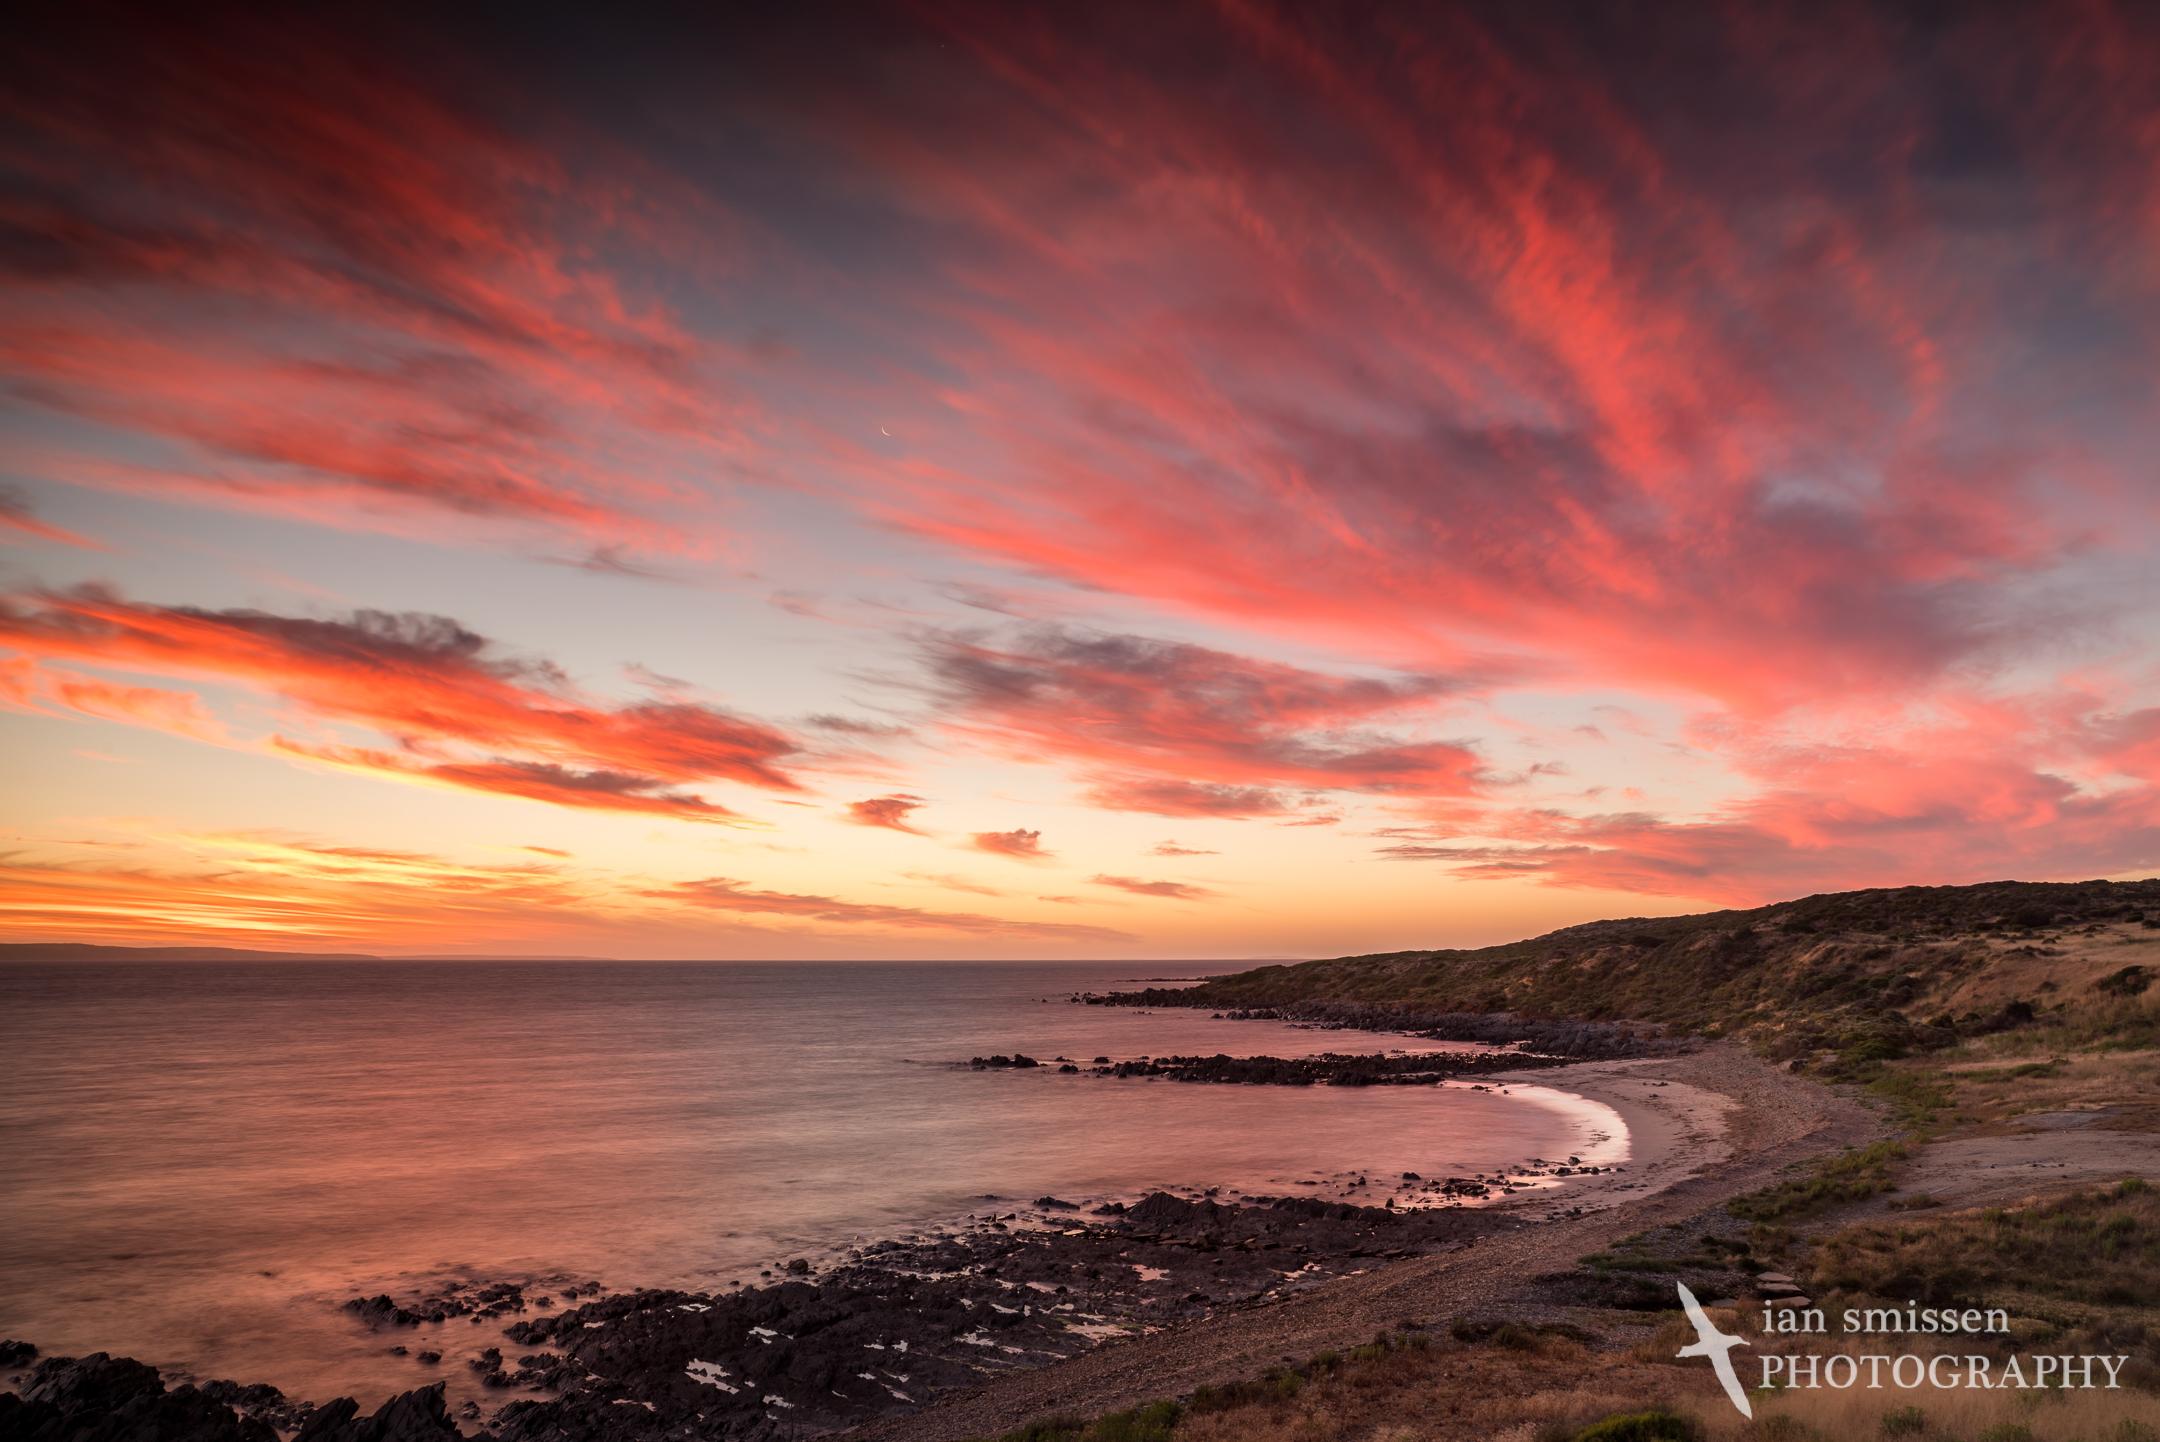 Sunset at Fisherman's Beach